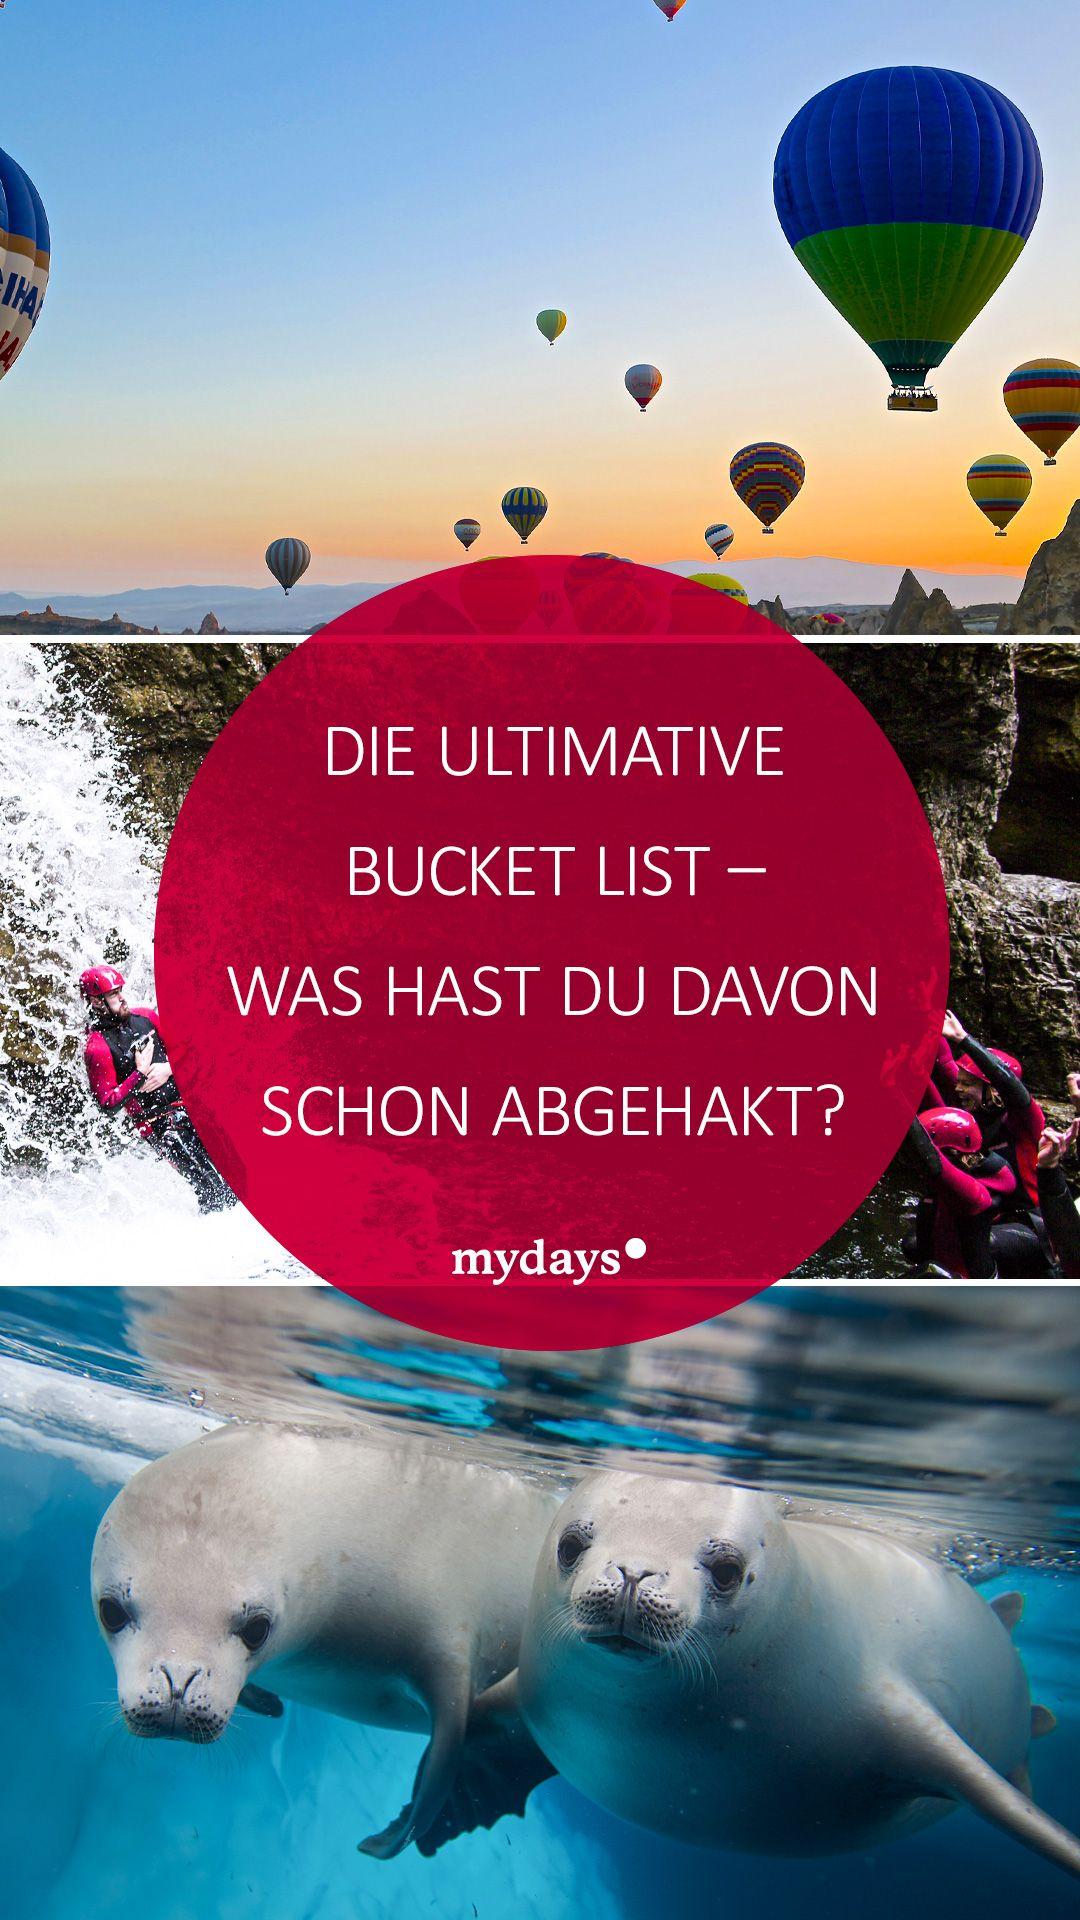 Die Ultimative Bucket List Zum Abhaken Mydays Magazin In 2020 Erlebnis Leben Lebenstraum